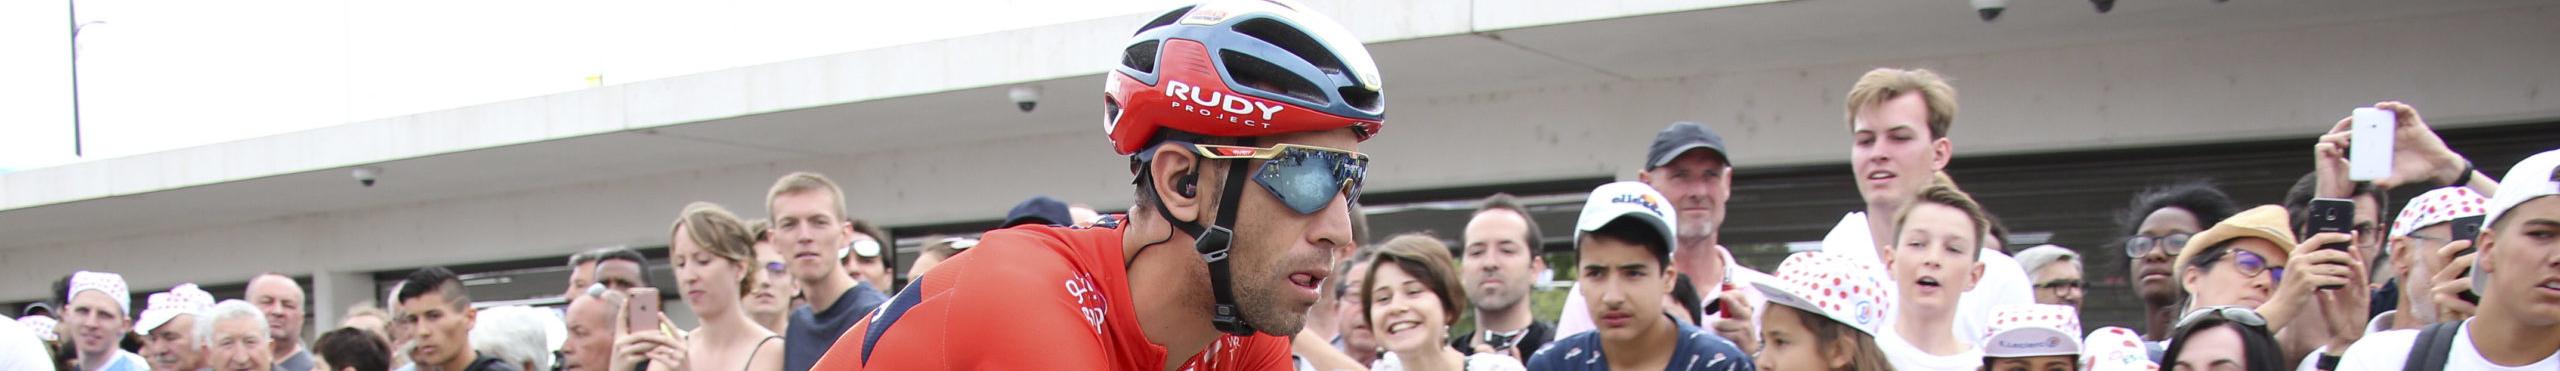 Giro d'Italia 2020: Nibali per il triplete. Percorso, tappe e protagonisti più attesi